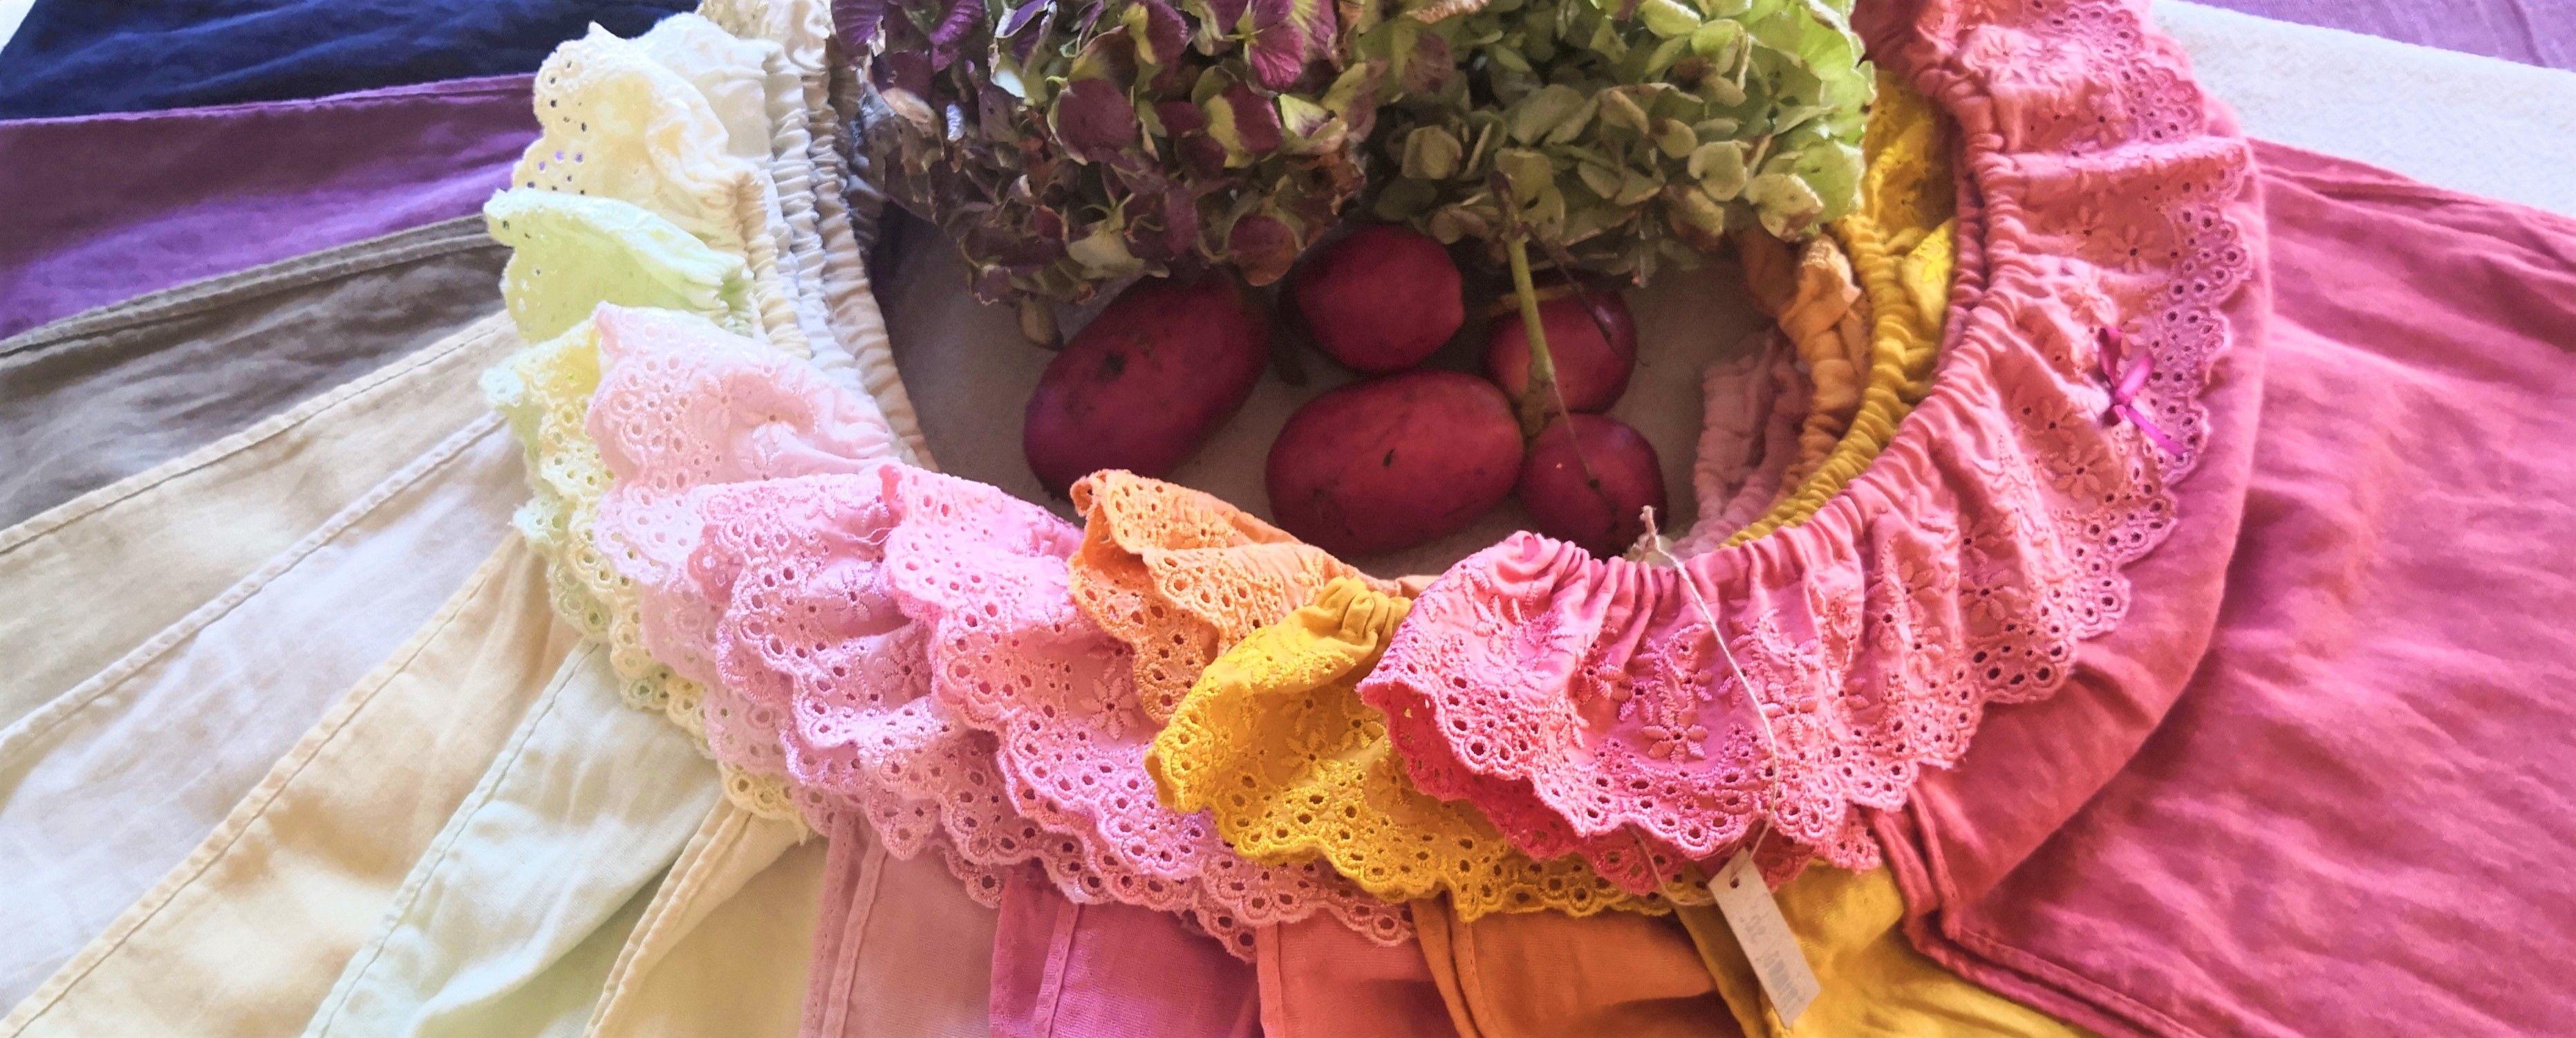 地球と繋がる草木染めの店 【エーデ】布ナプキンや肌着、女性を緩め温める商品を鳥取から全国にお届け